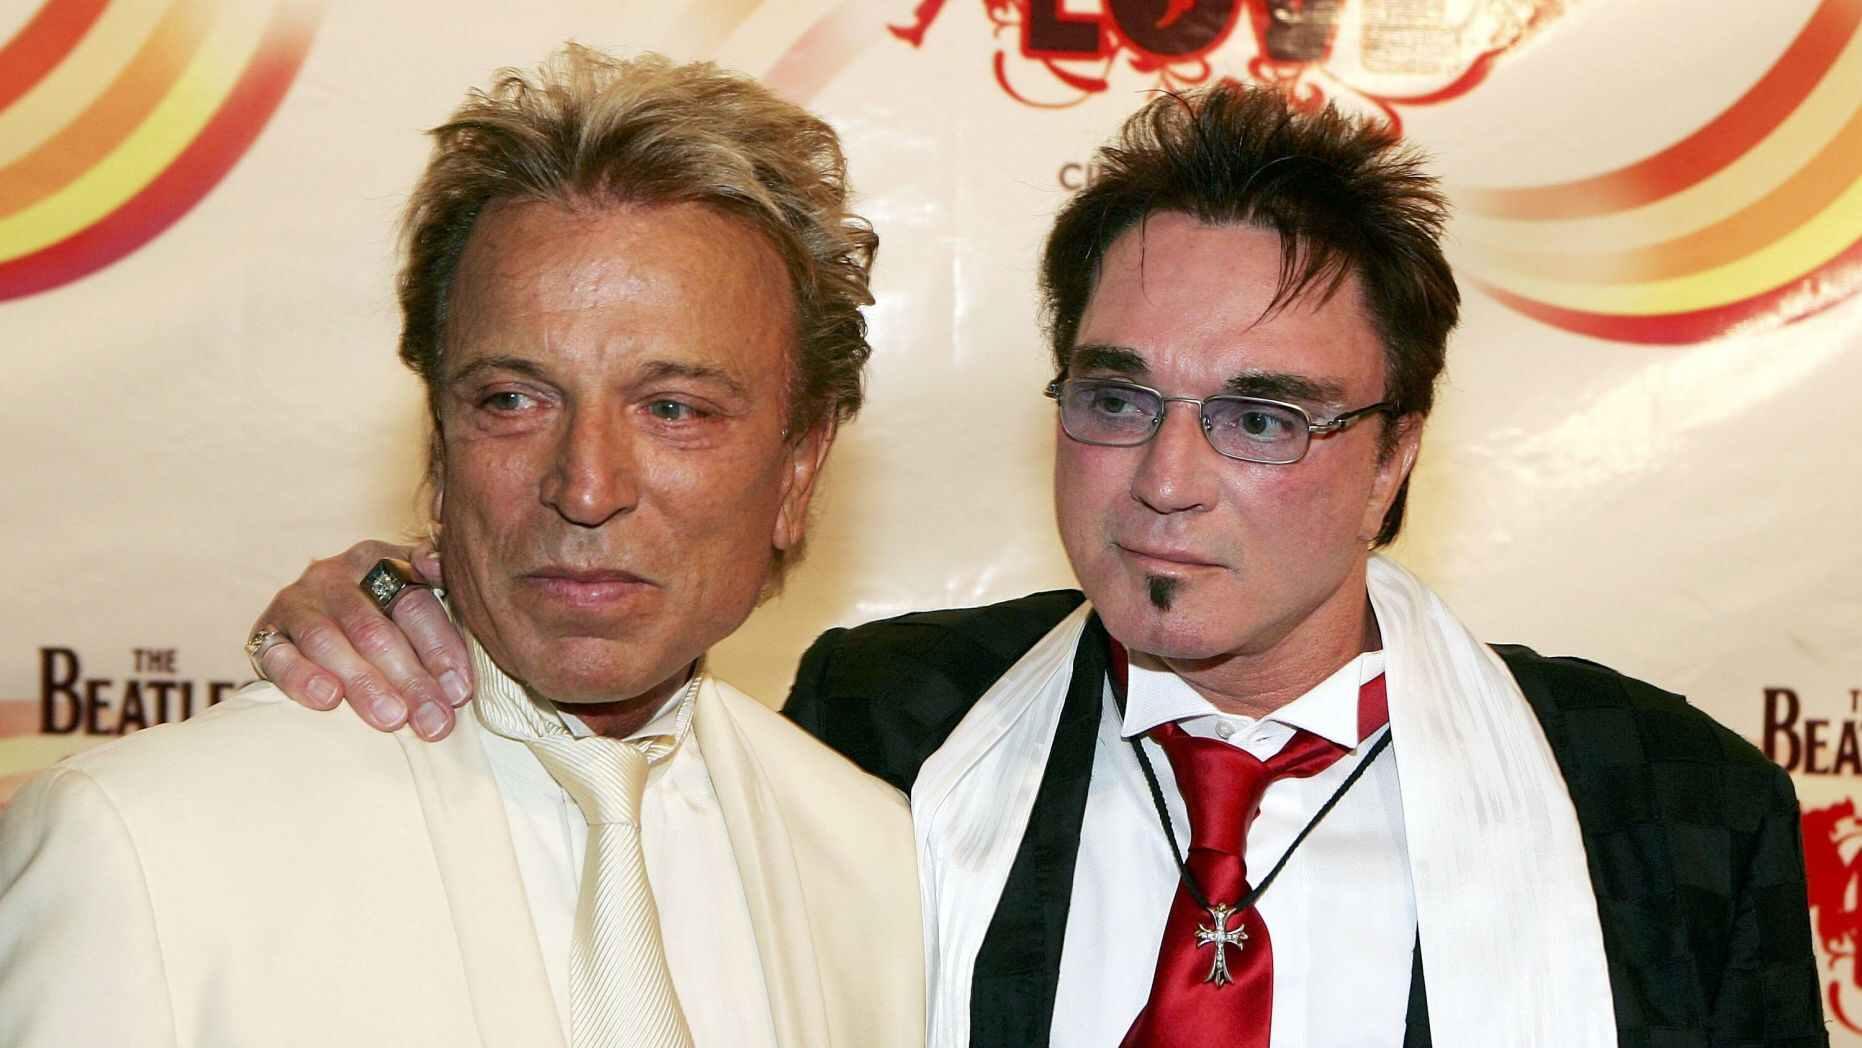 羅伊霍恩(左)與搭檔齊格弗里德費施巴赫(Siegfried Fischbacher) (網絡圖片)